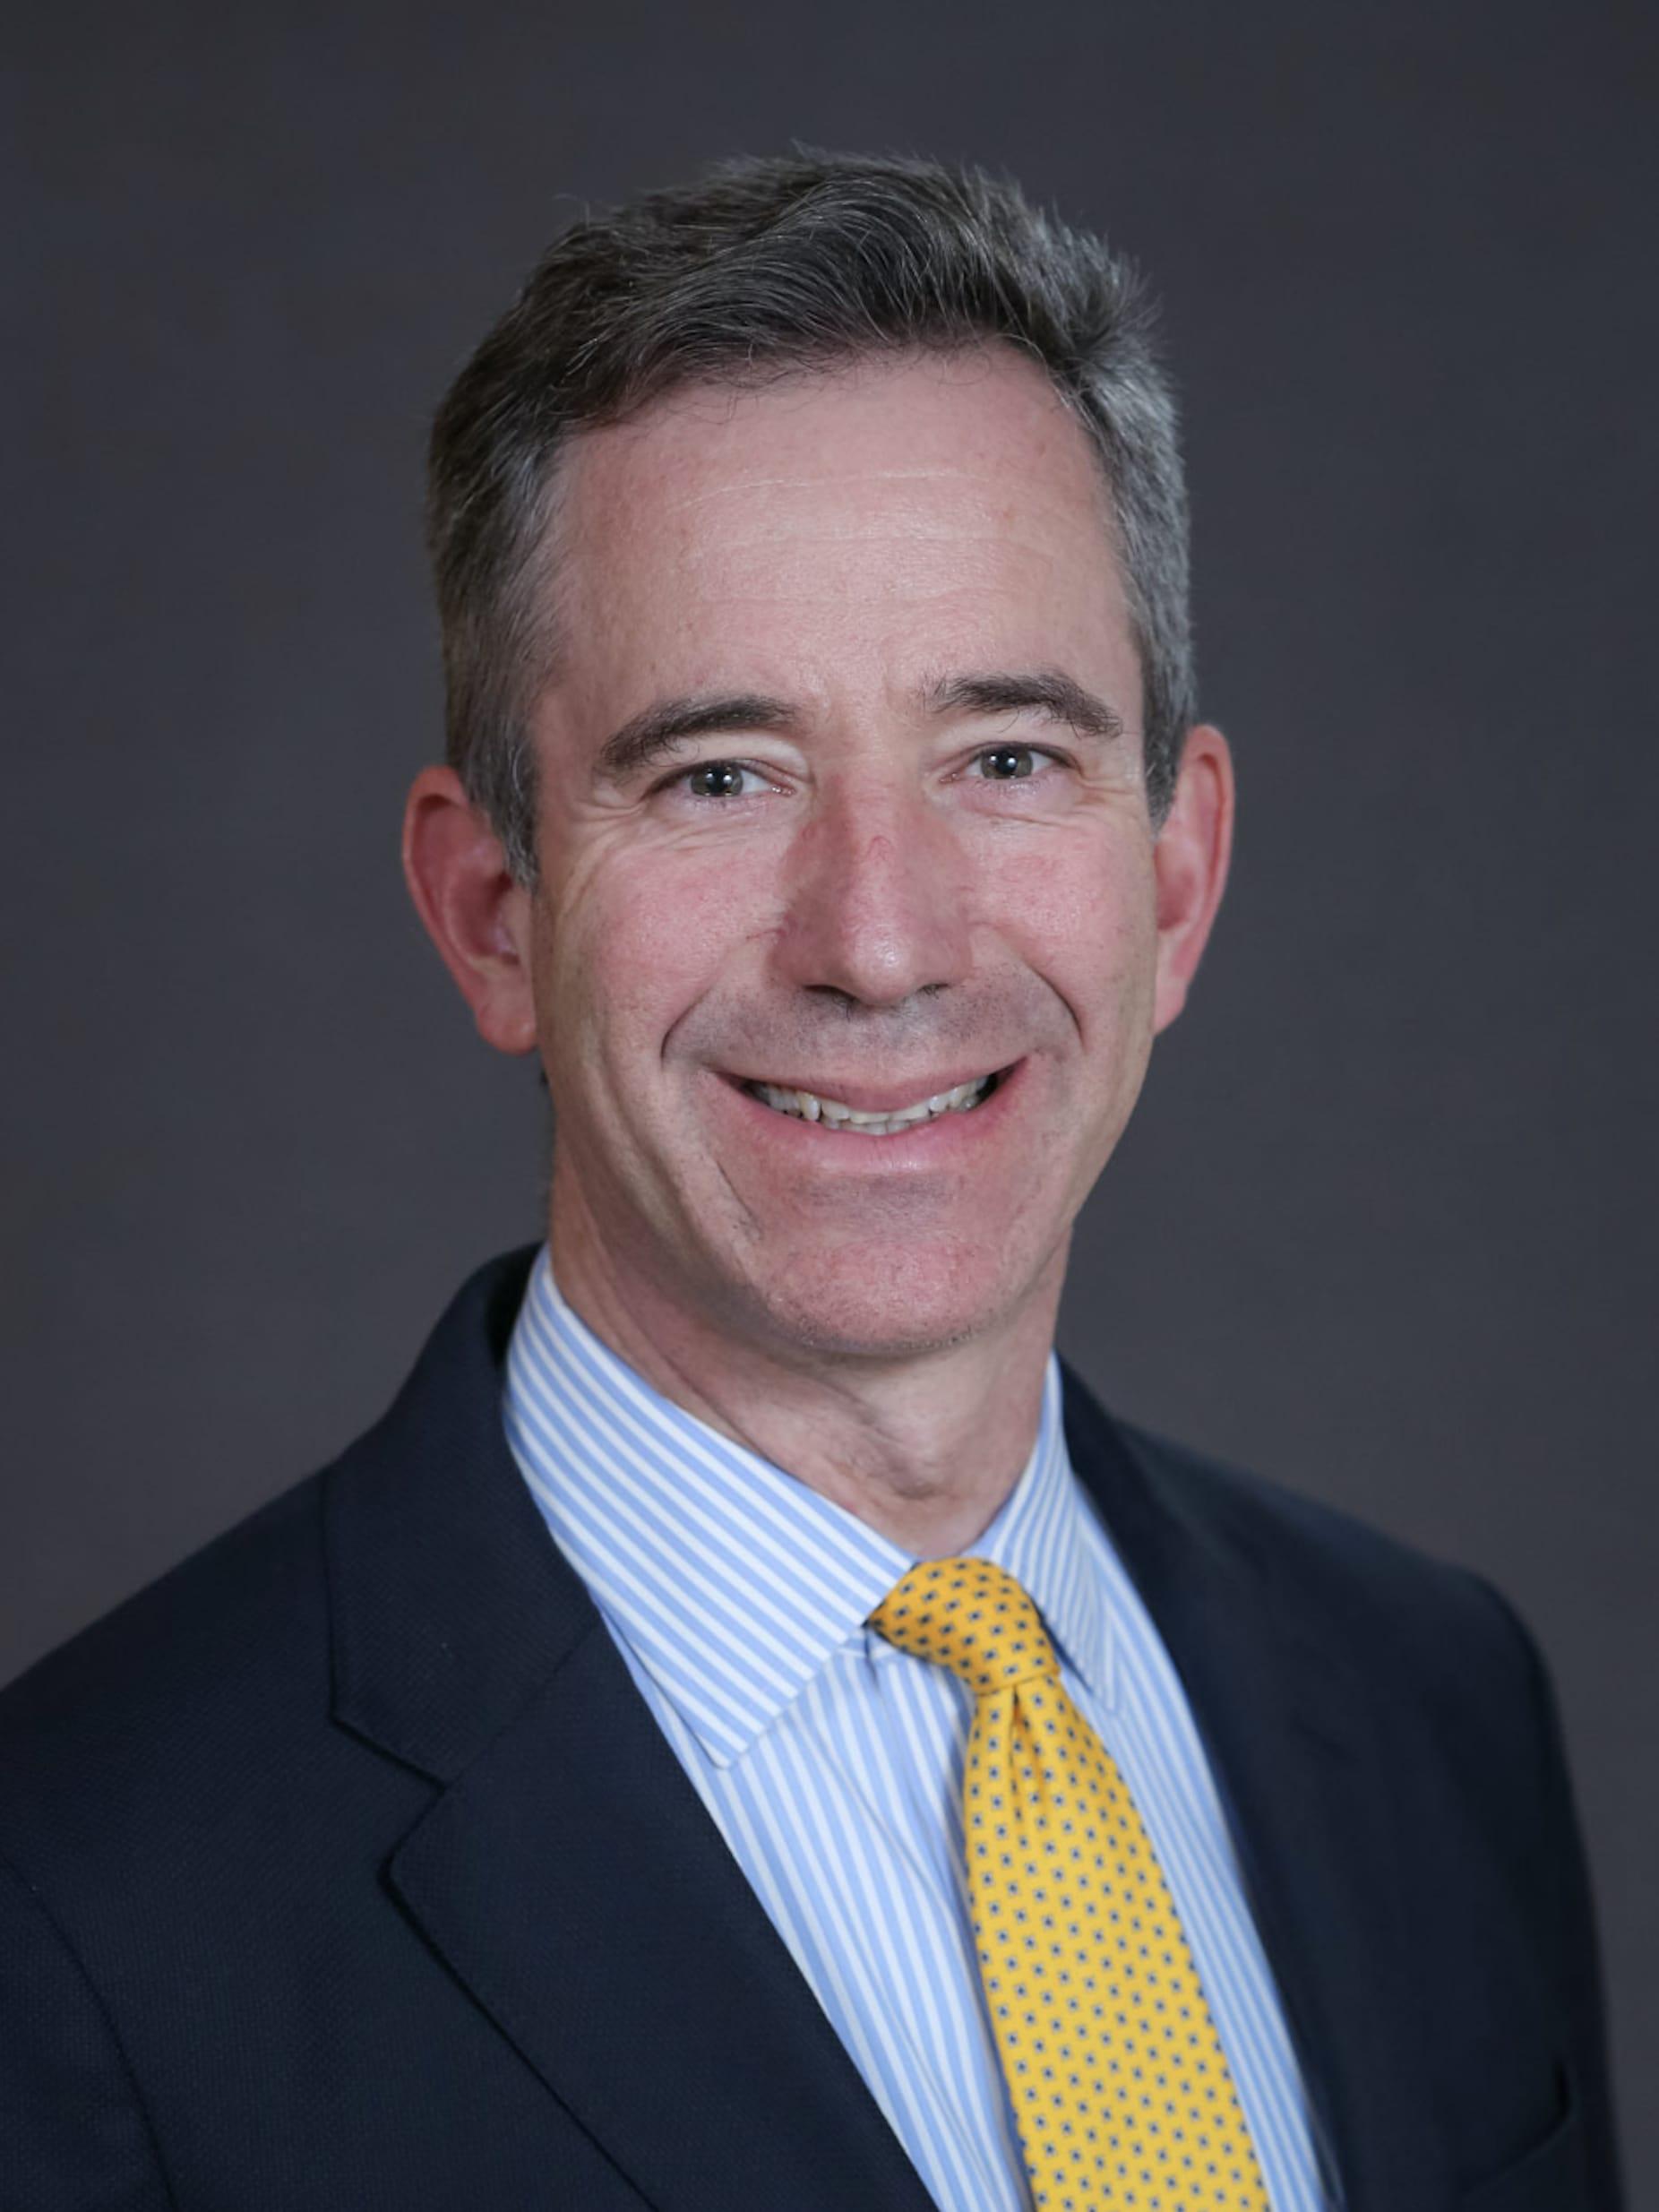 Jonathan N Grauer